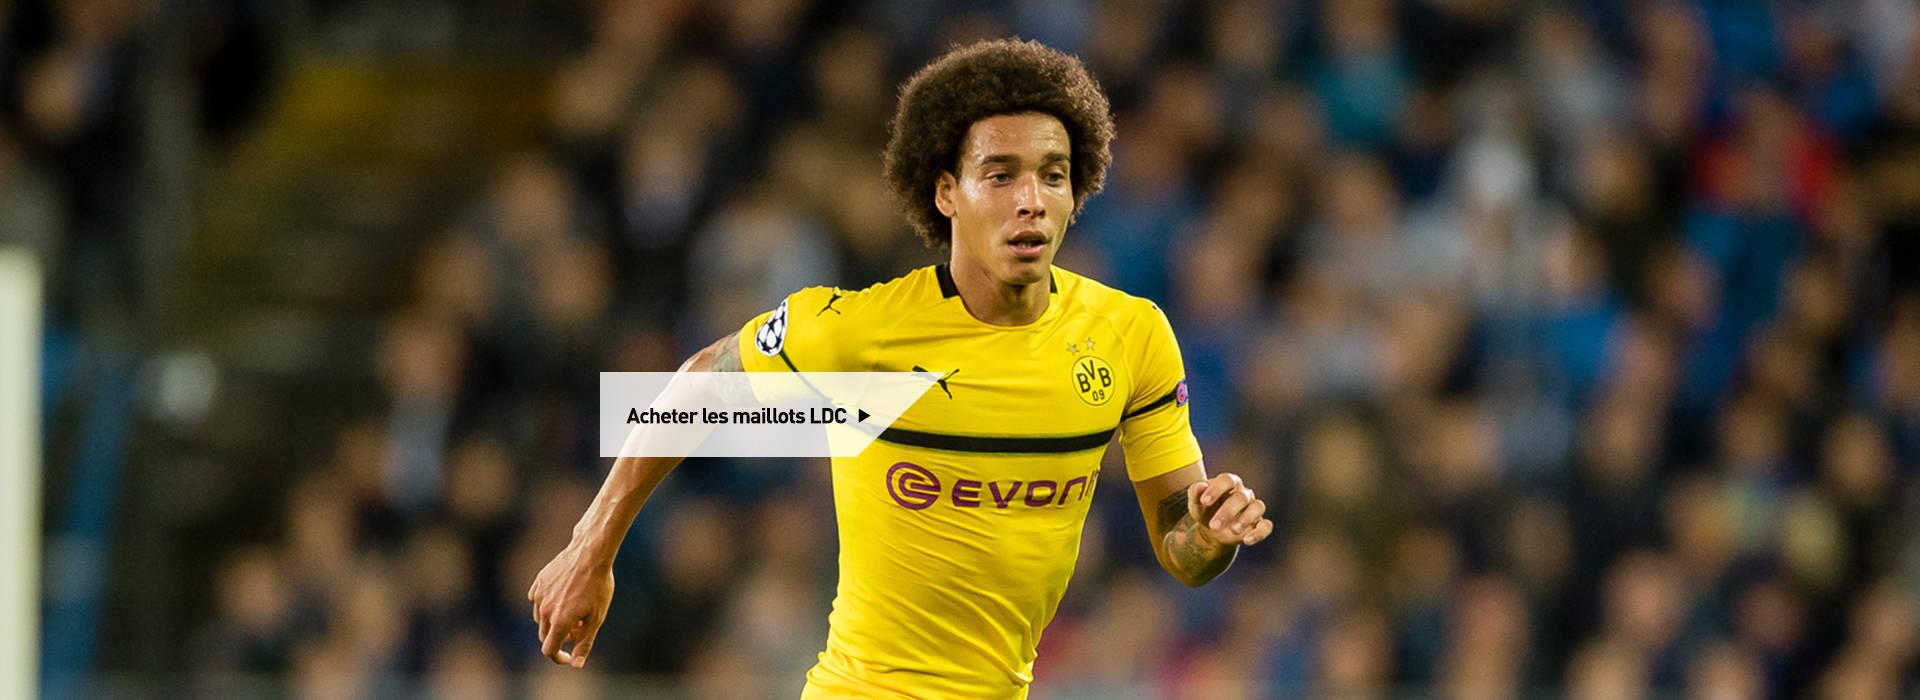 Maillot THIRD Borussia Dortmund Eric Oelschlägel